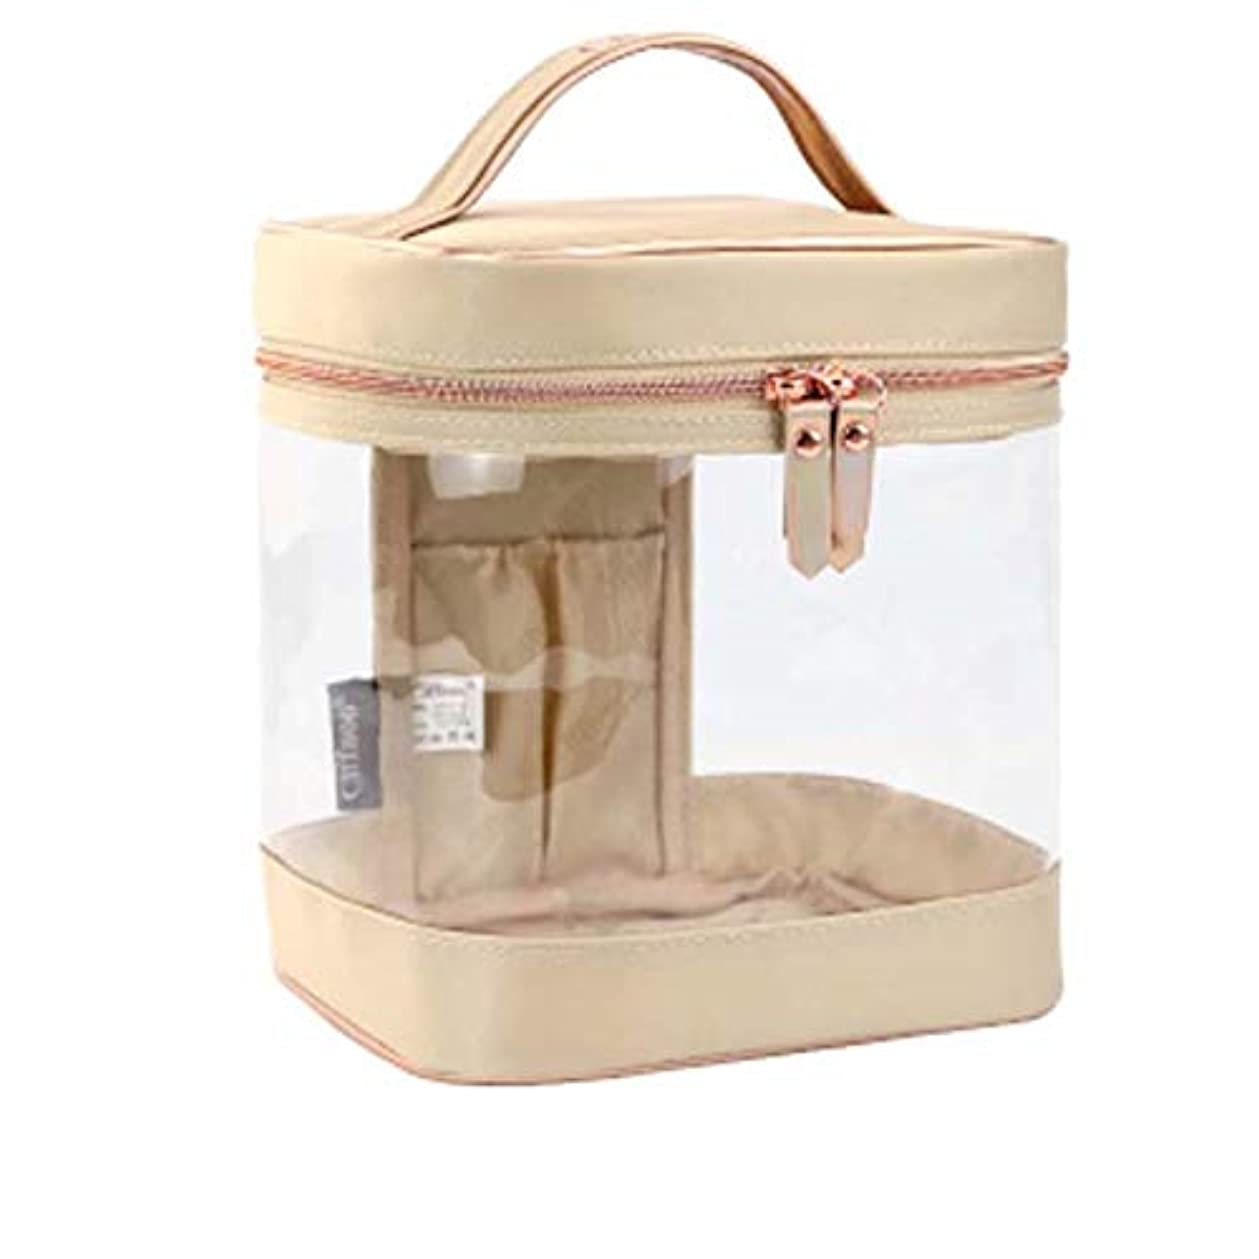 オアシス繁雑すぐに化粧ポーチ 防水 透明 PVC コスメポーチ高品質 トイレタリーバッグ 洗面用具収納ポーチ 旅行 母の日 (ベージュ)